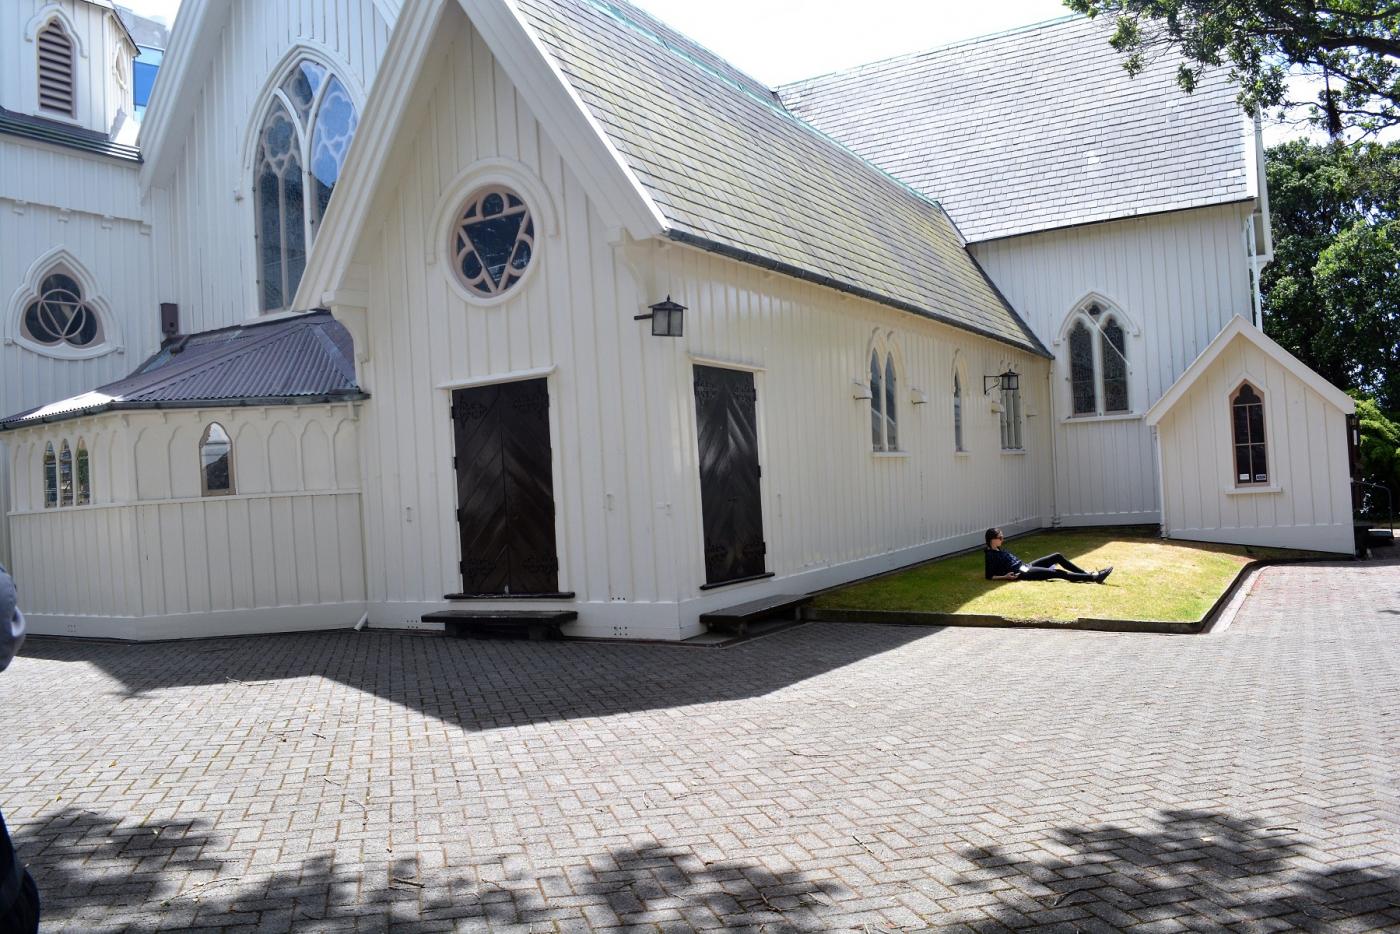 新西兰惠灵顿 Old St. Paul's 老圣保罗教堂_图1-2